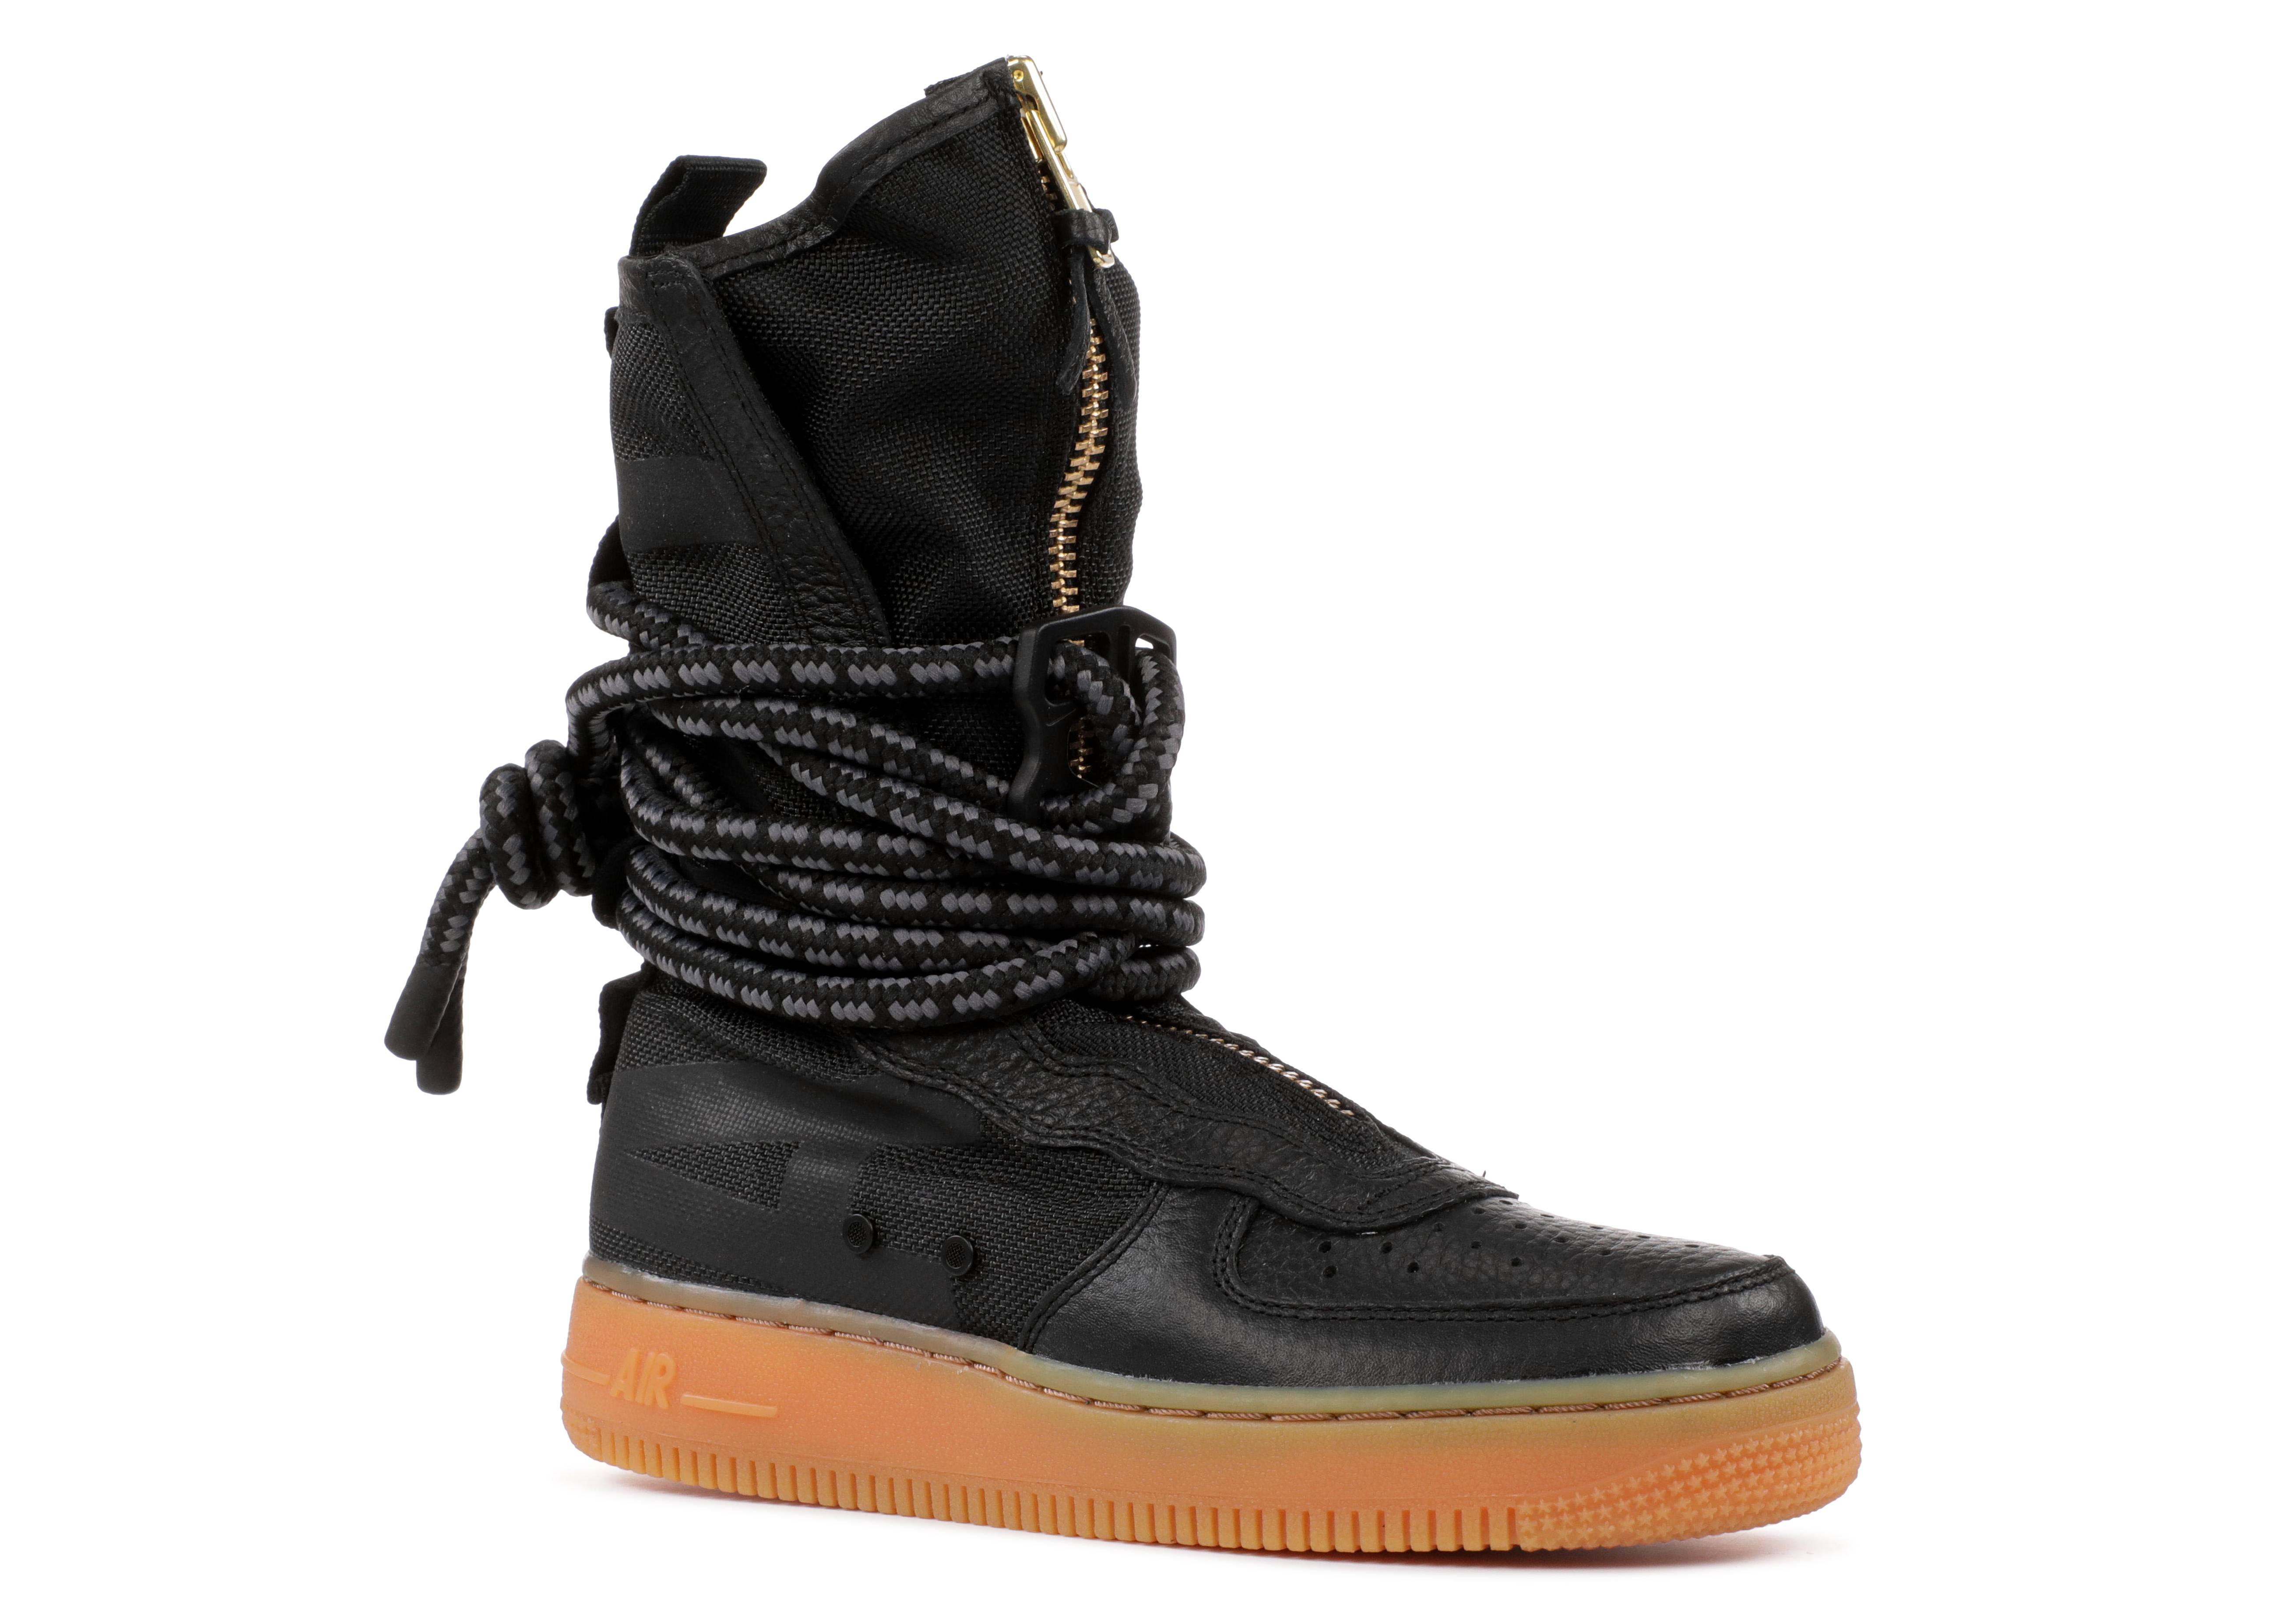 Wmns Sf Air Force 1 High Black Gum Nike Aa3965 001 Black Gum Medium Brown Flight Club